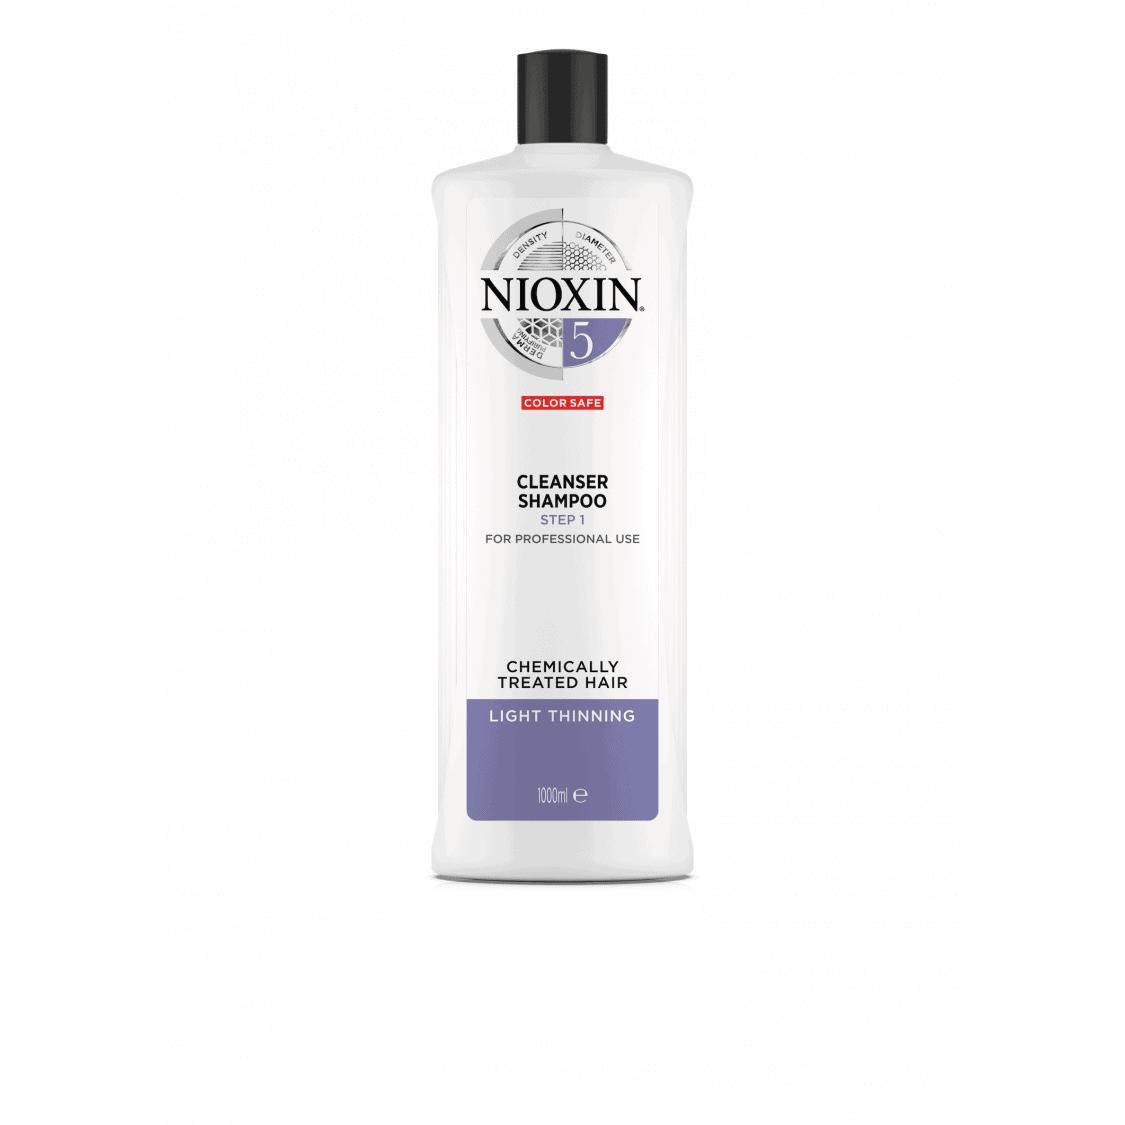 Nioxin Syst5 Shampoo 1000ml